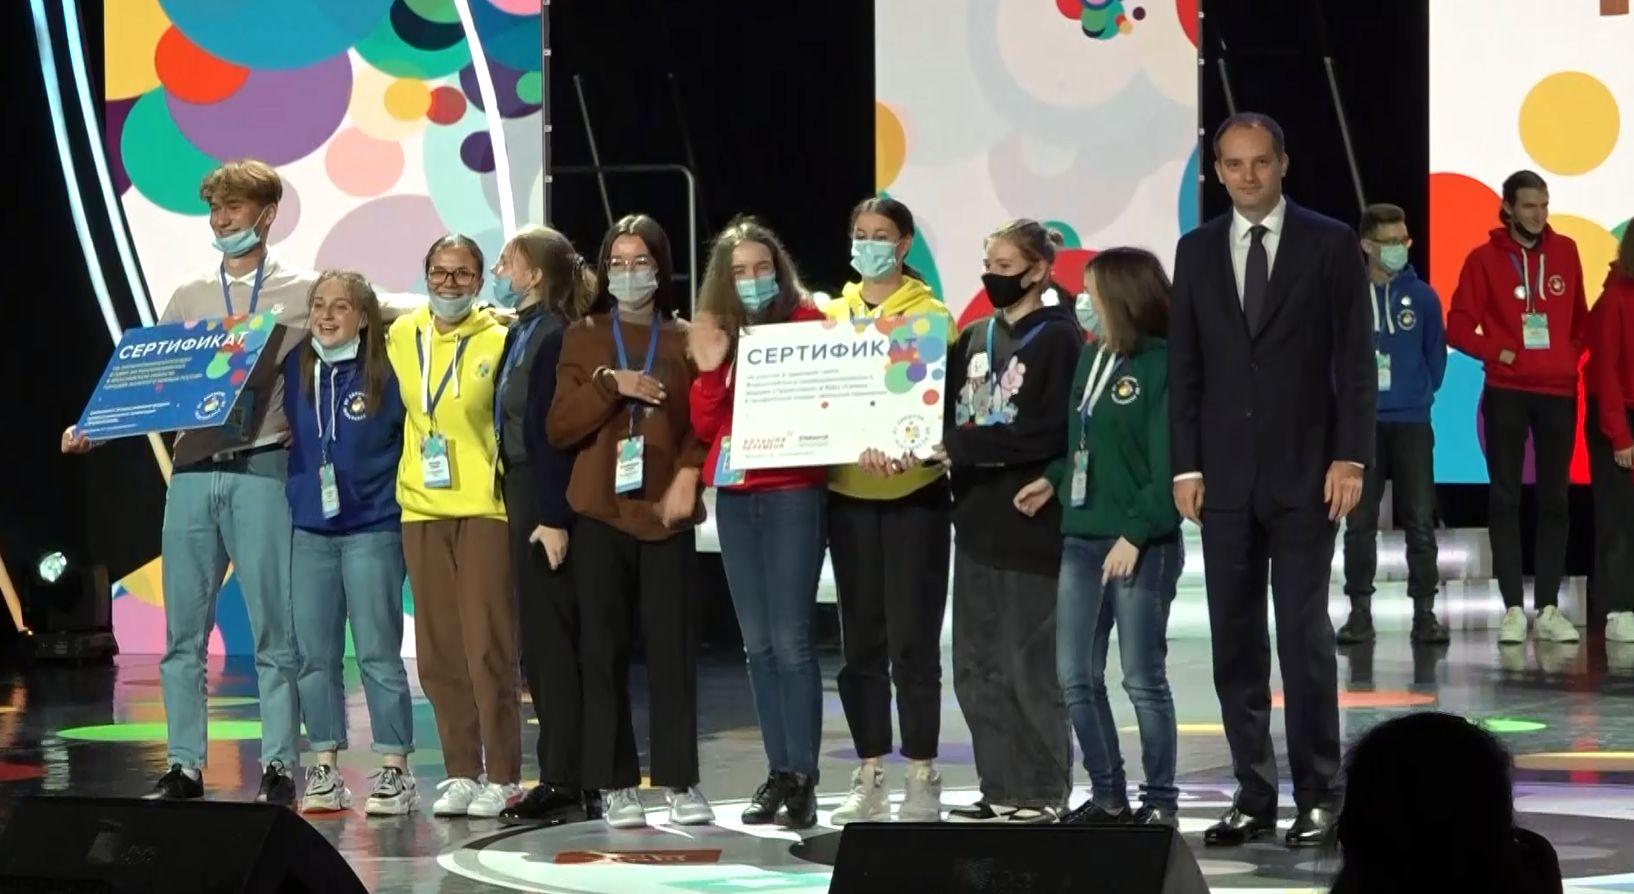 Форум «Проектория» завершил свою работу - в течение трех дней в Ярославле старшеклассники осваивали навыки управления проектами и командной работы